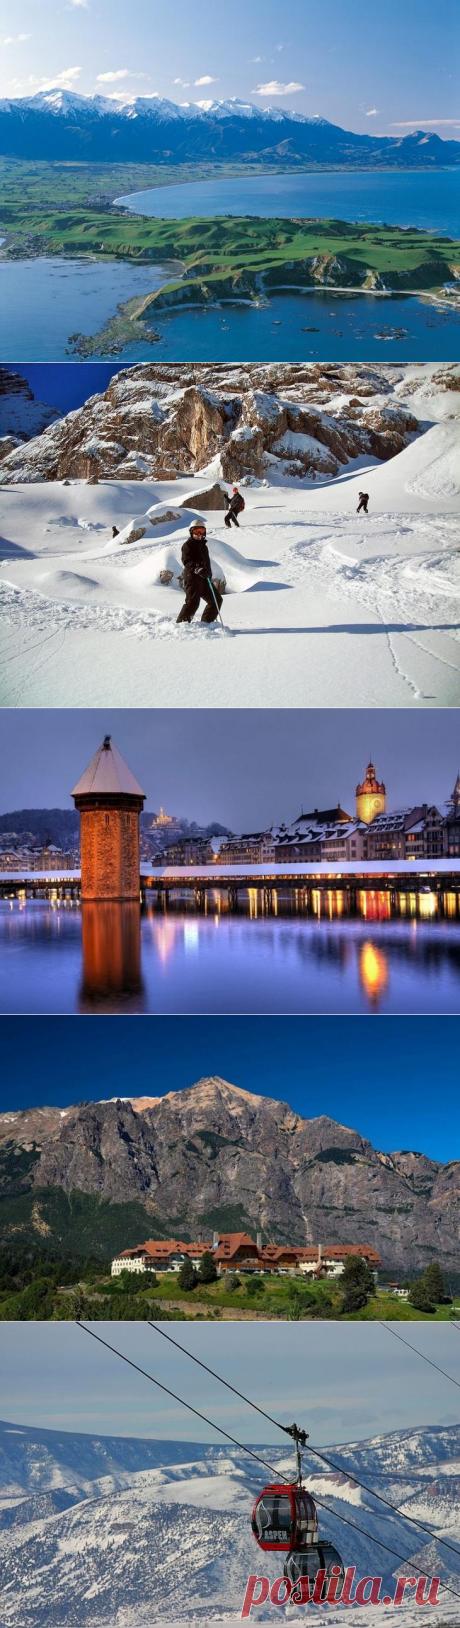 12 самых живописных городов мира, расположенных у подножий гор